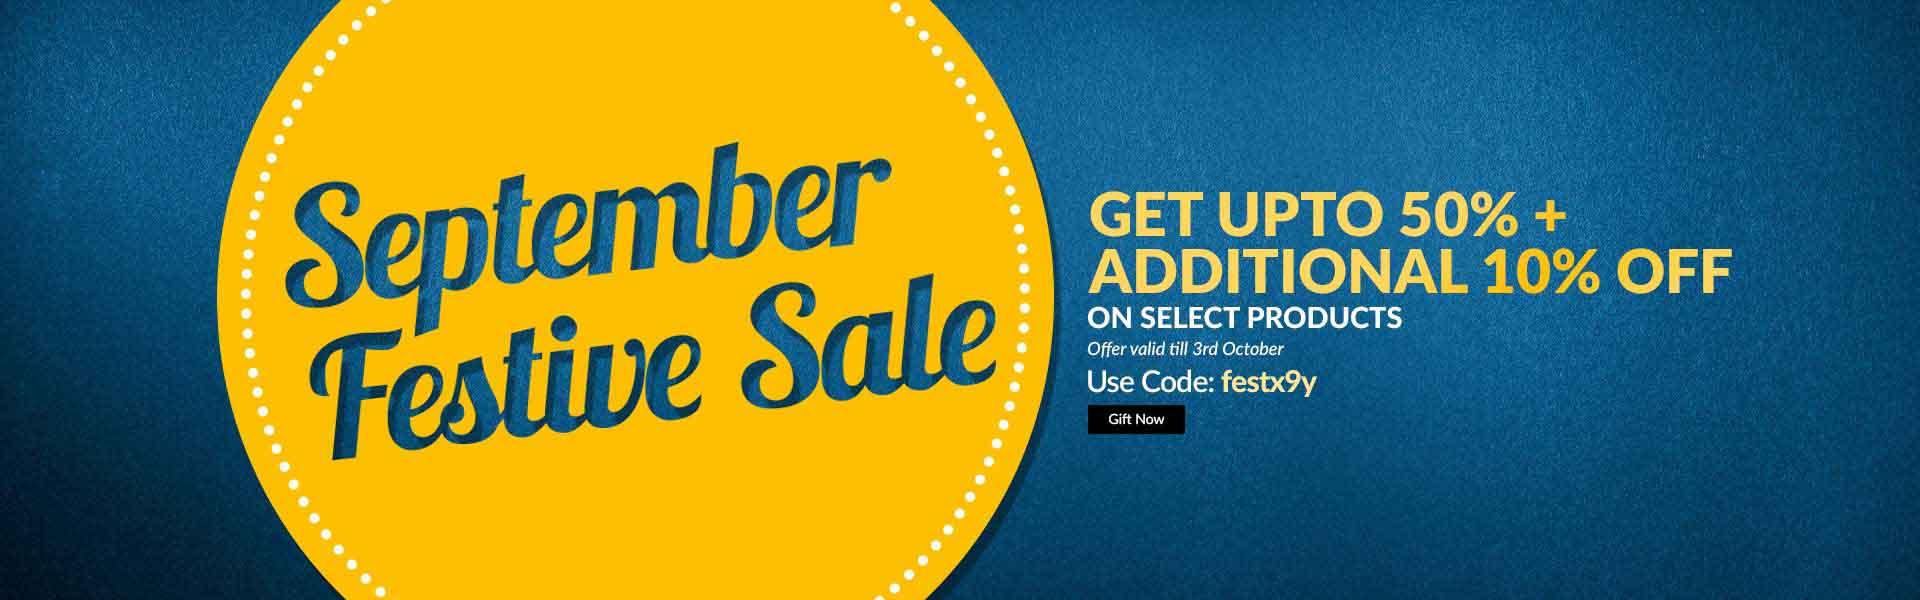 September Month End Sale